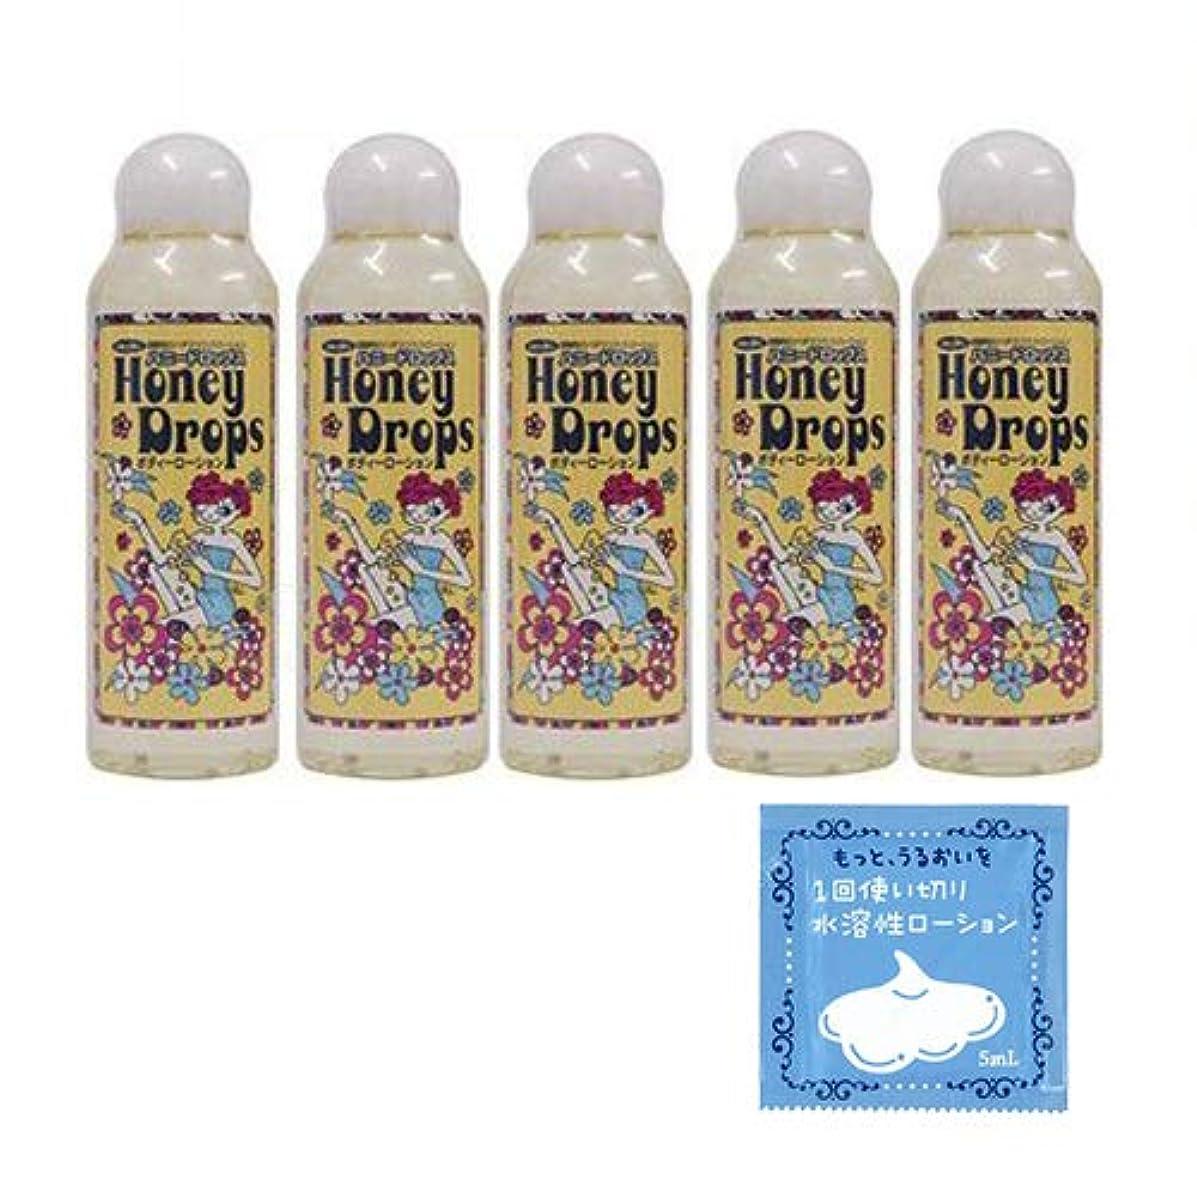 消費パスタ指ハニードロップス150mL HoneyDrops150 ×5本 +1回使い切り水溶性潤滑ローション